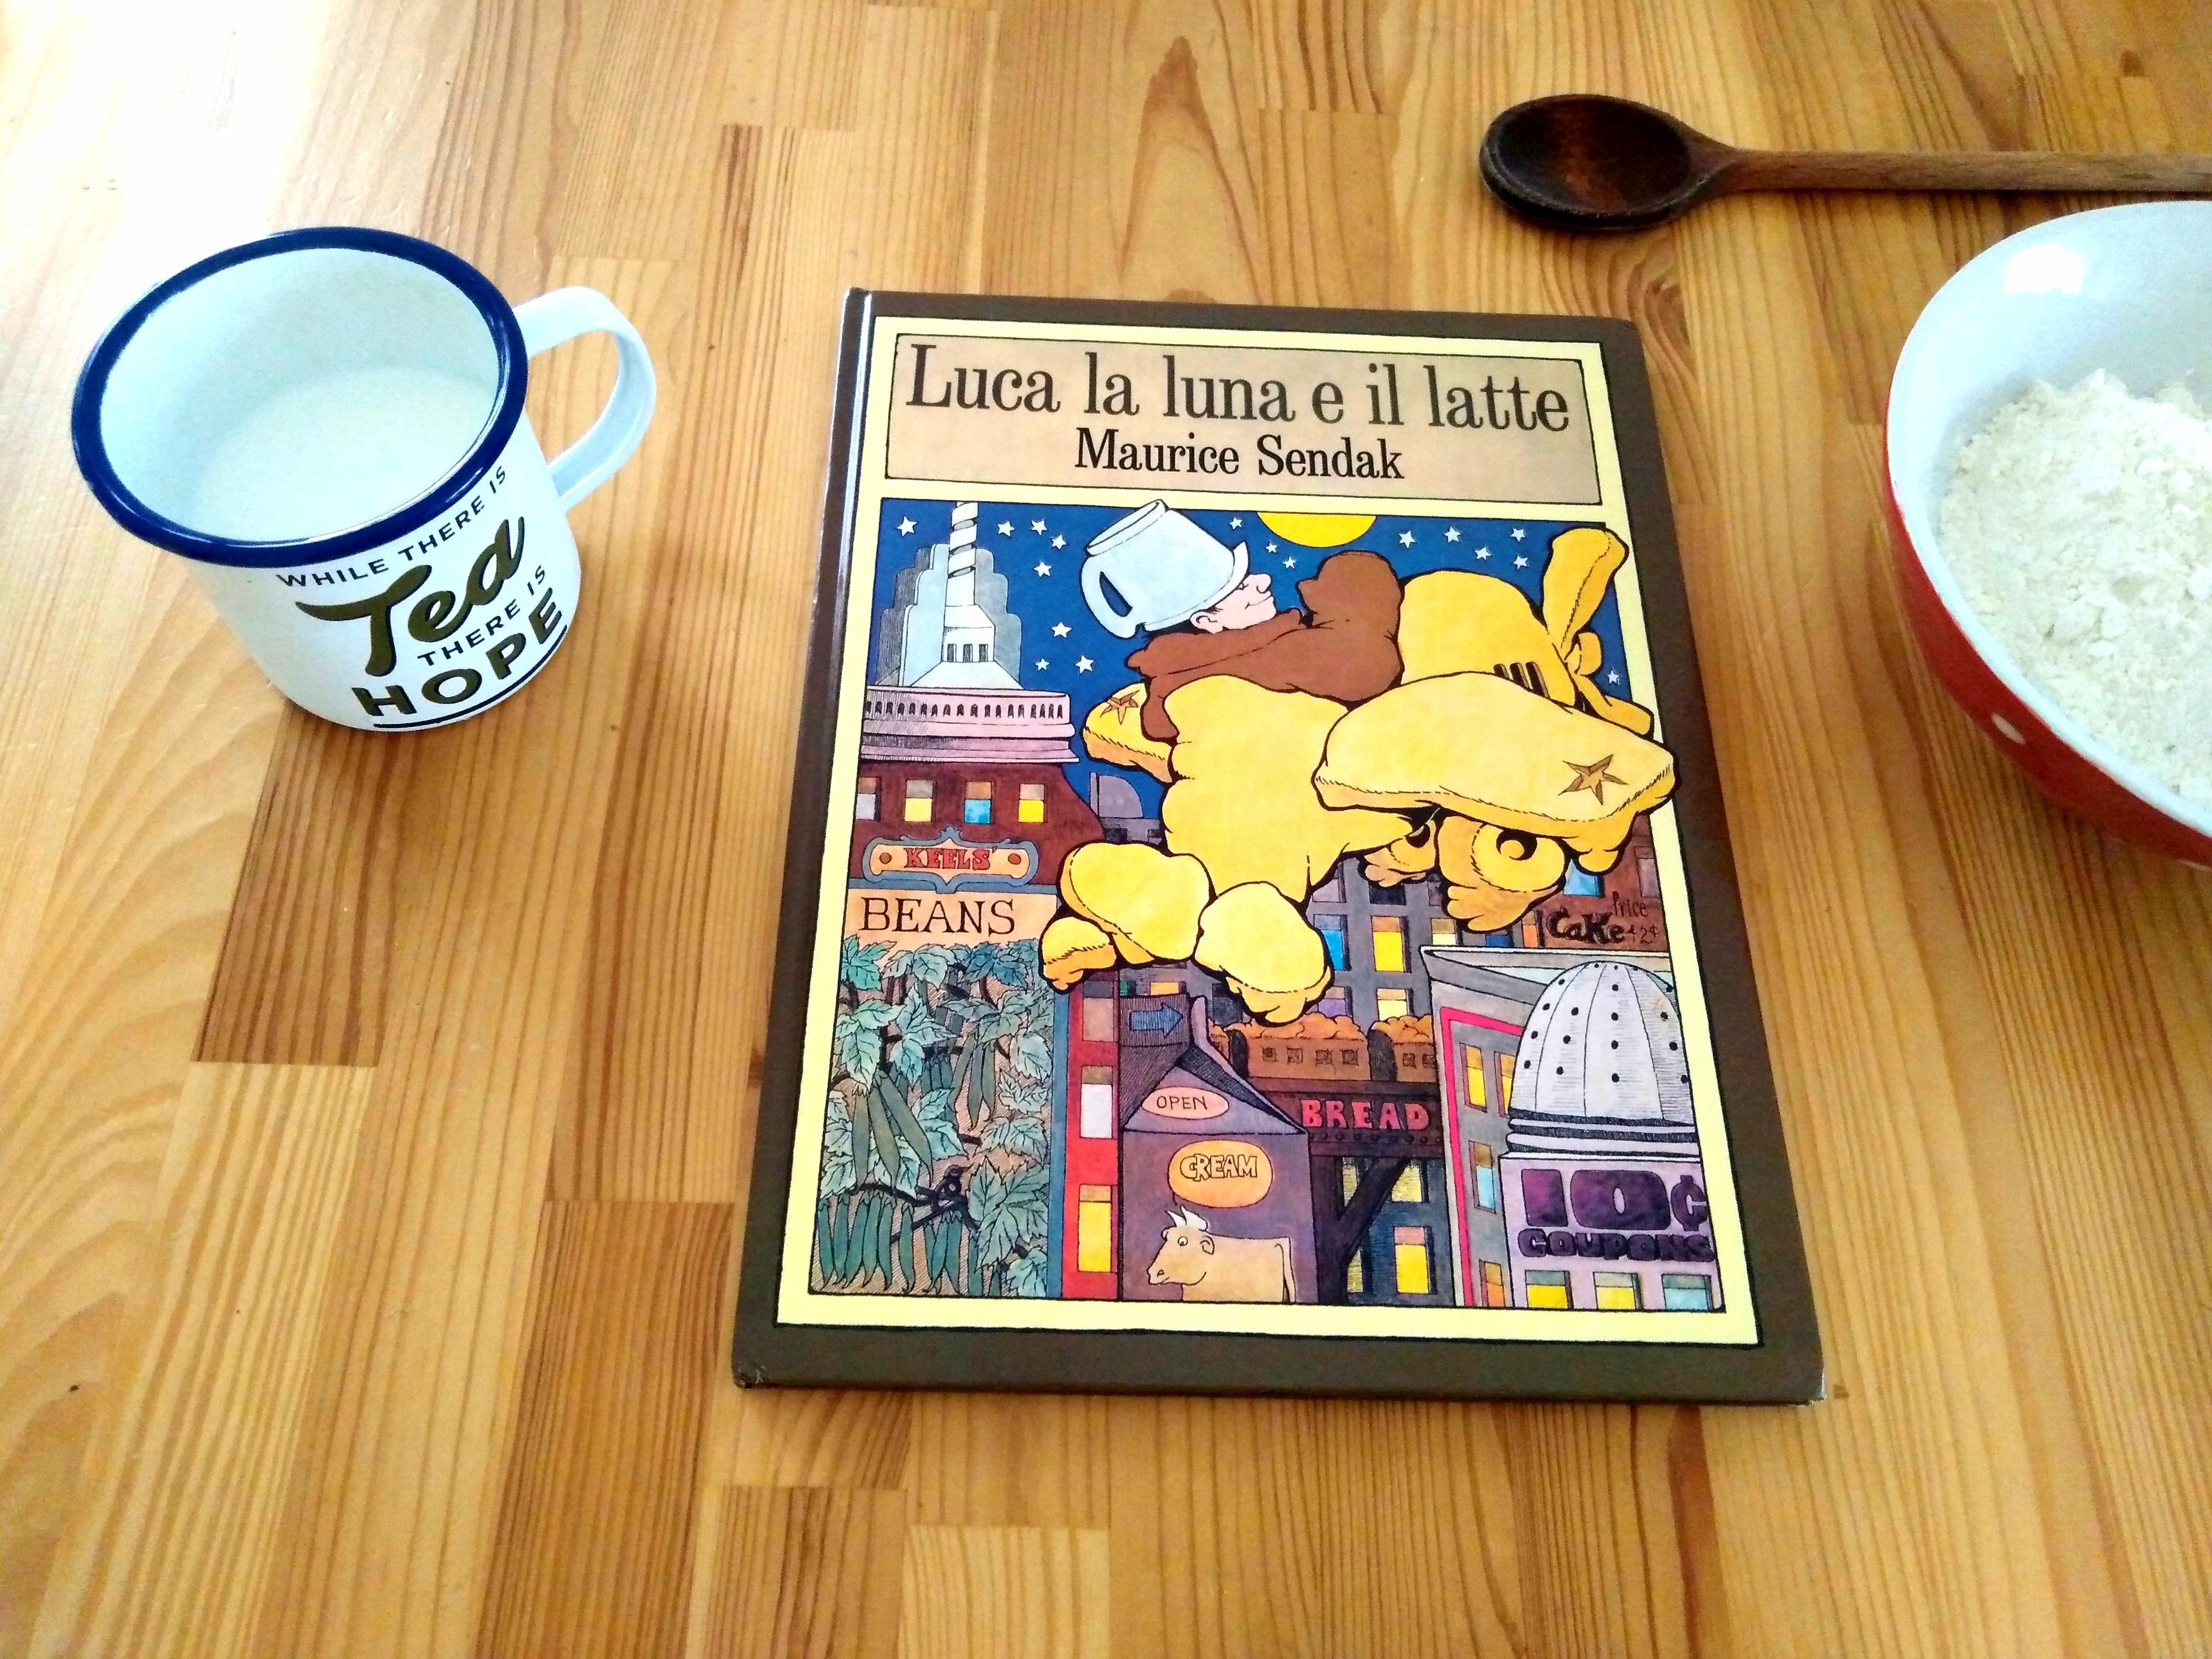 Luca la luna e il latte - In the night kitchen - Maurice Sendak